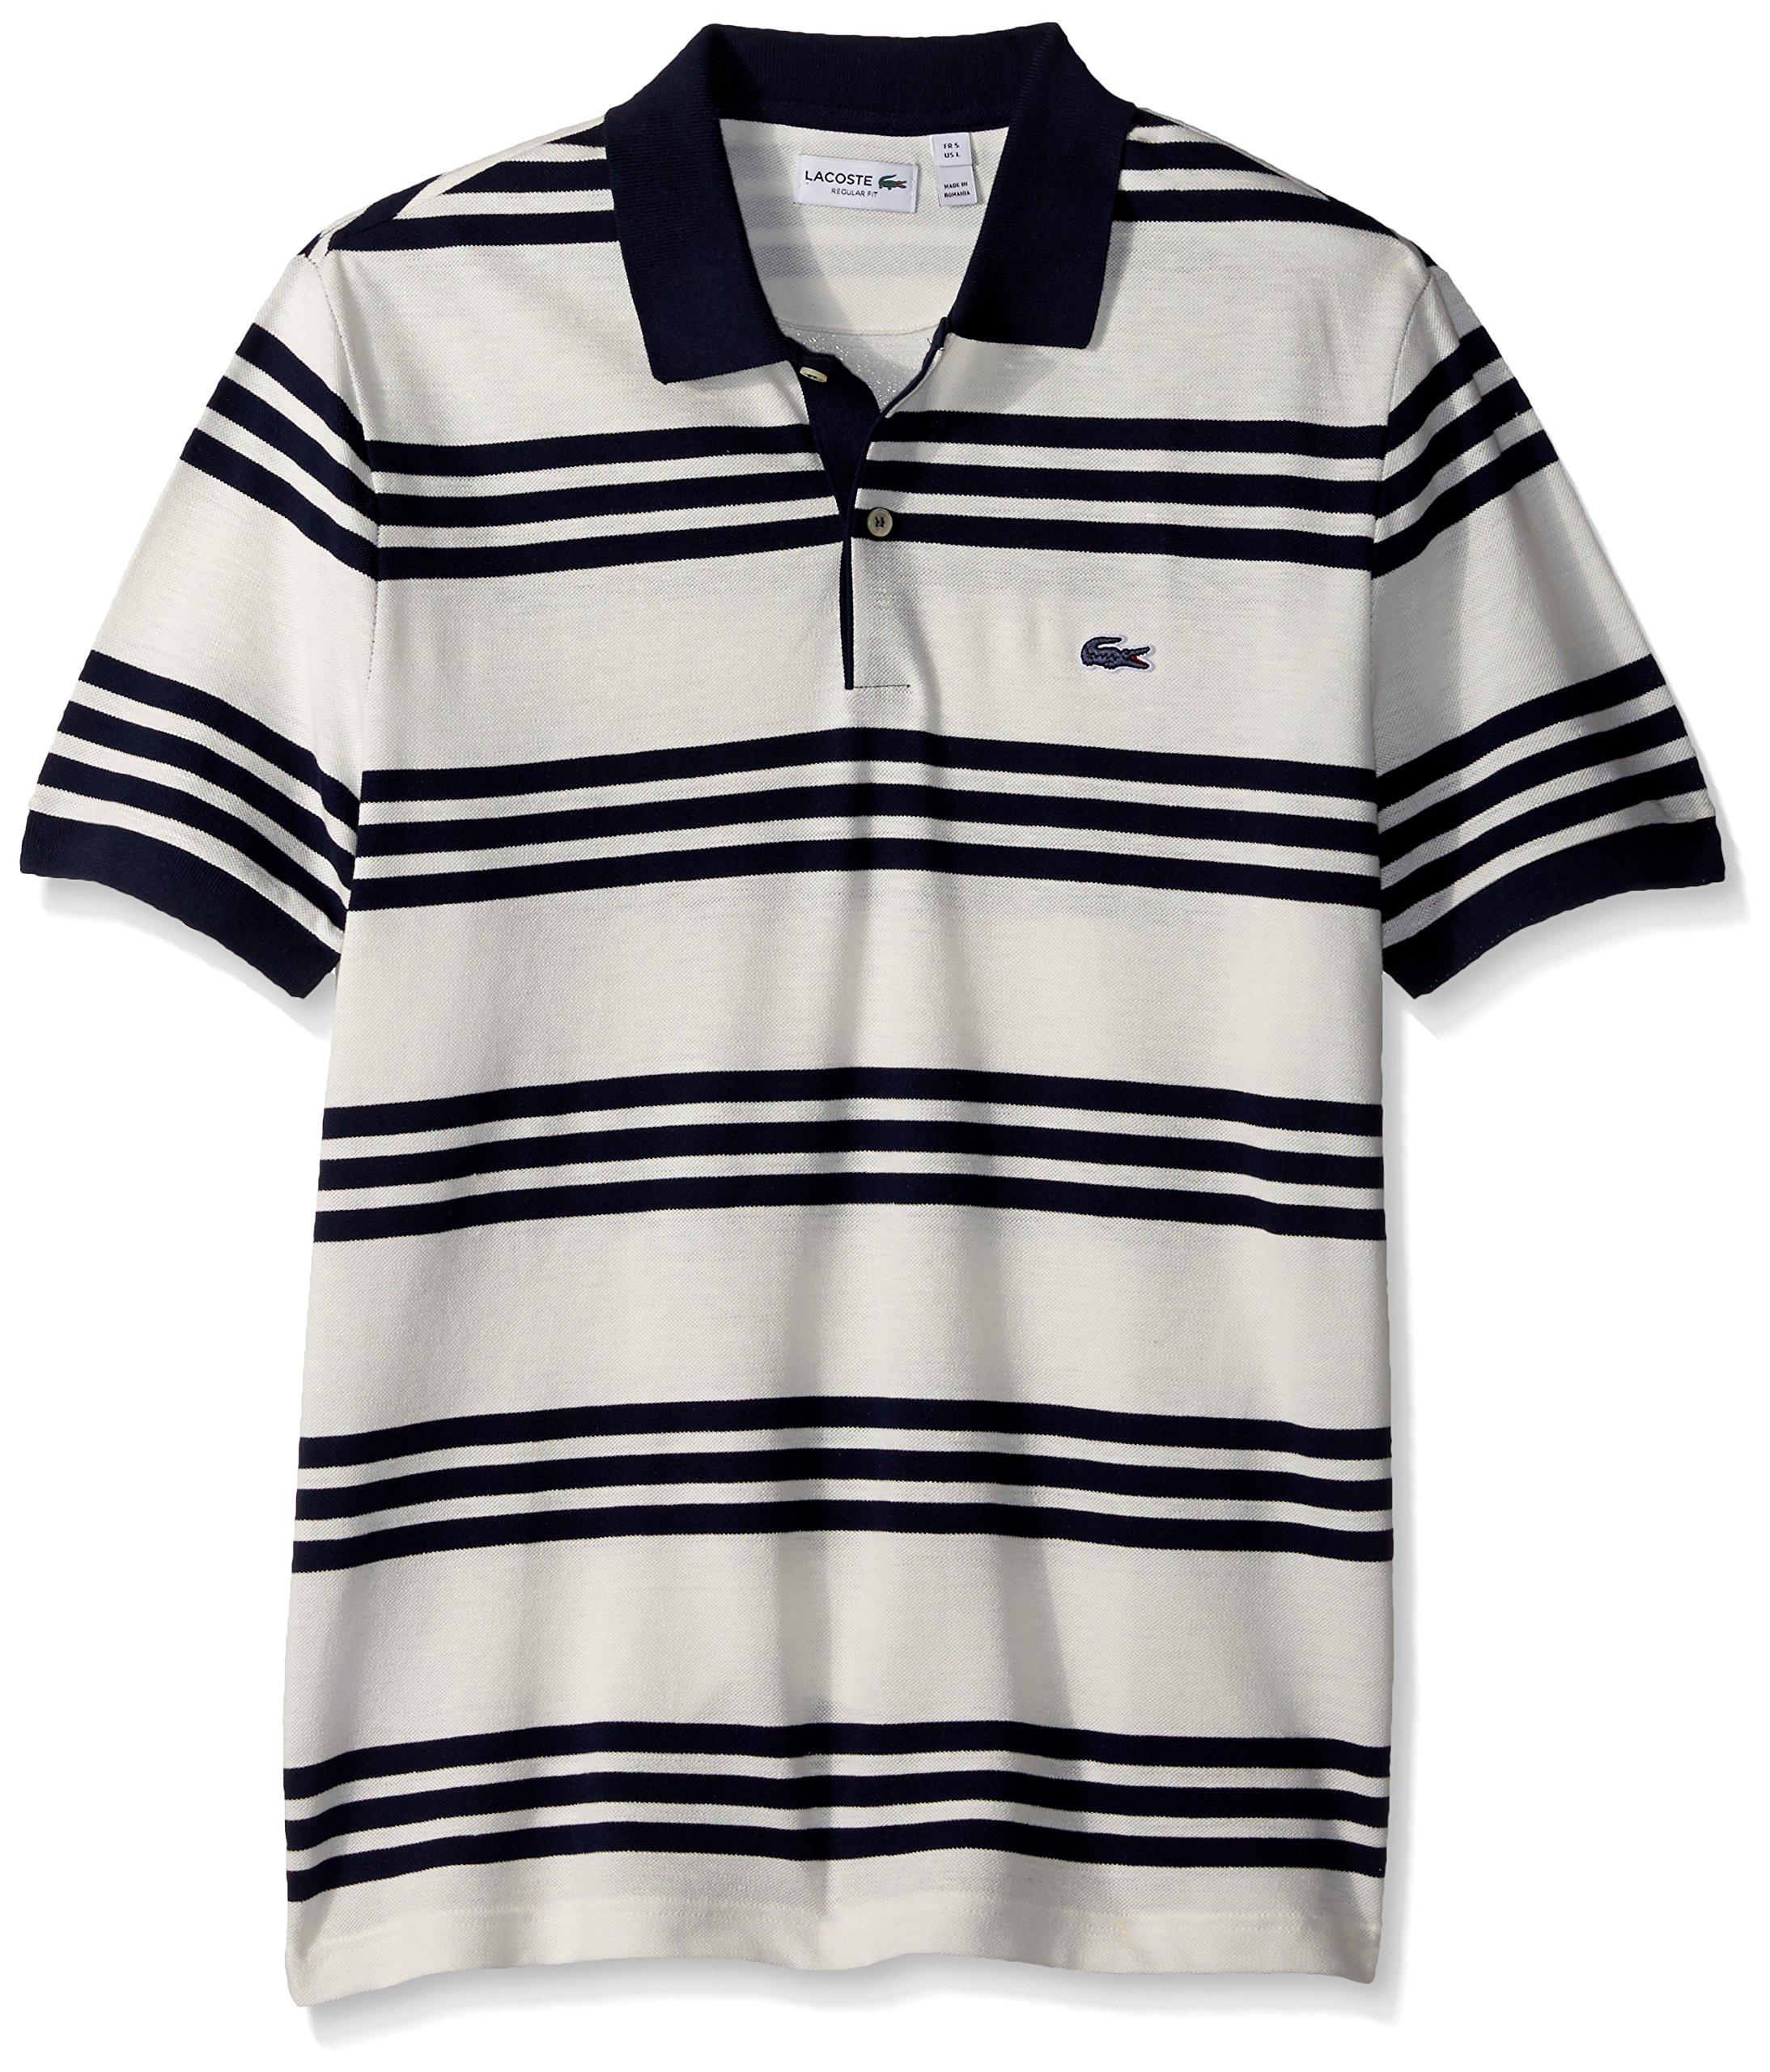 Lacoste Men's Father's Day Linen/Cotton Stripe Birds Eye Pique Polo-PH2072, Flour/Flour/Navy Blue, 6